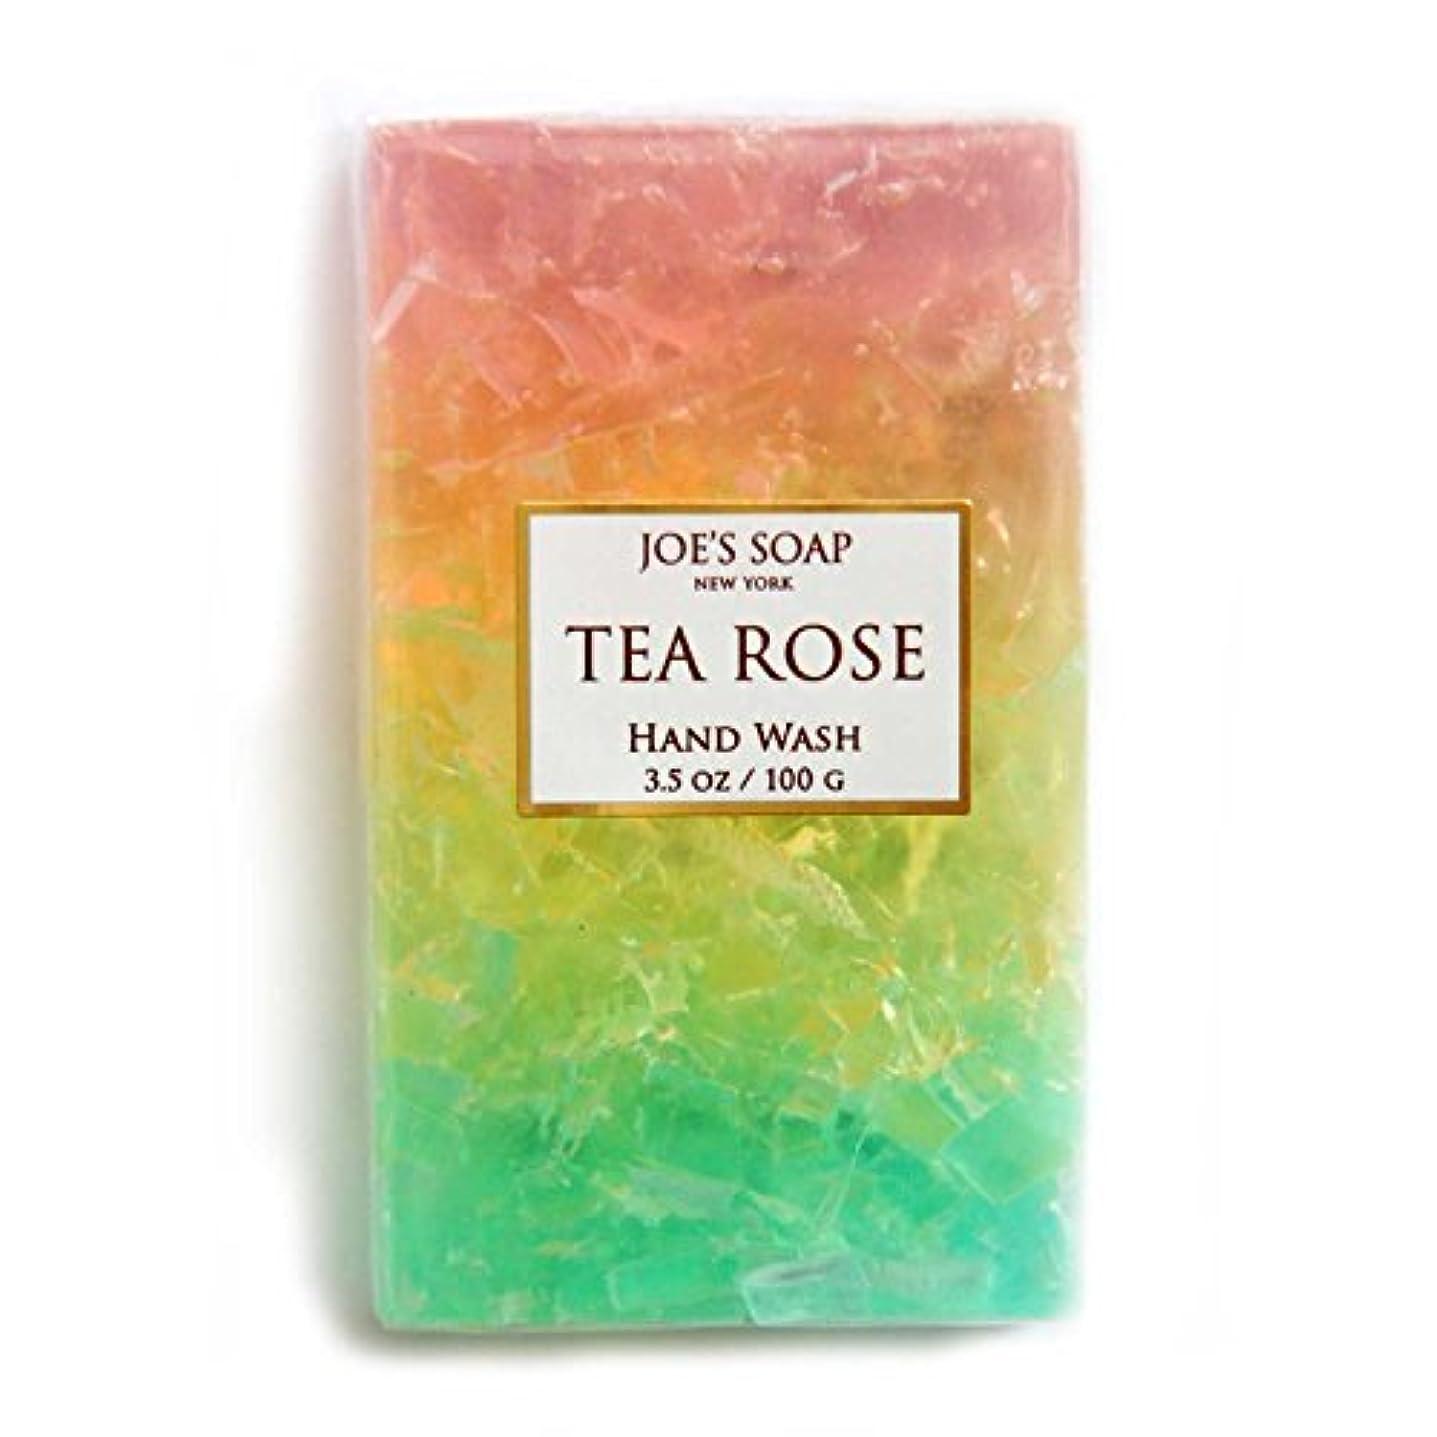 フェローシップ批判的にピルJOE'S SOAP ジョーズソープ グラスソープ 100g 石けん ボディソープ 洗顔料 せっけん 固形 ギフト